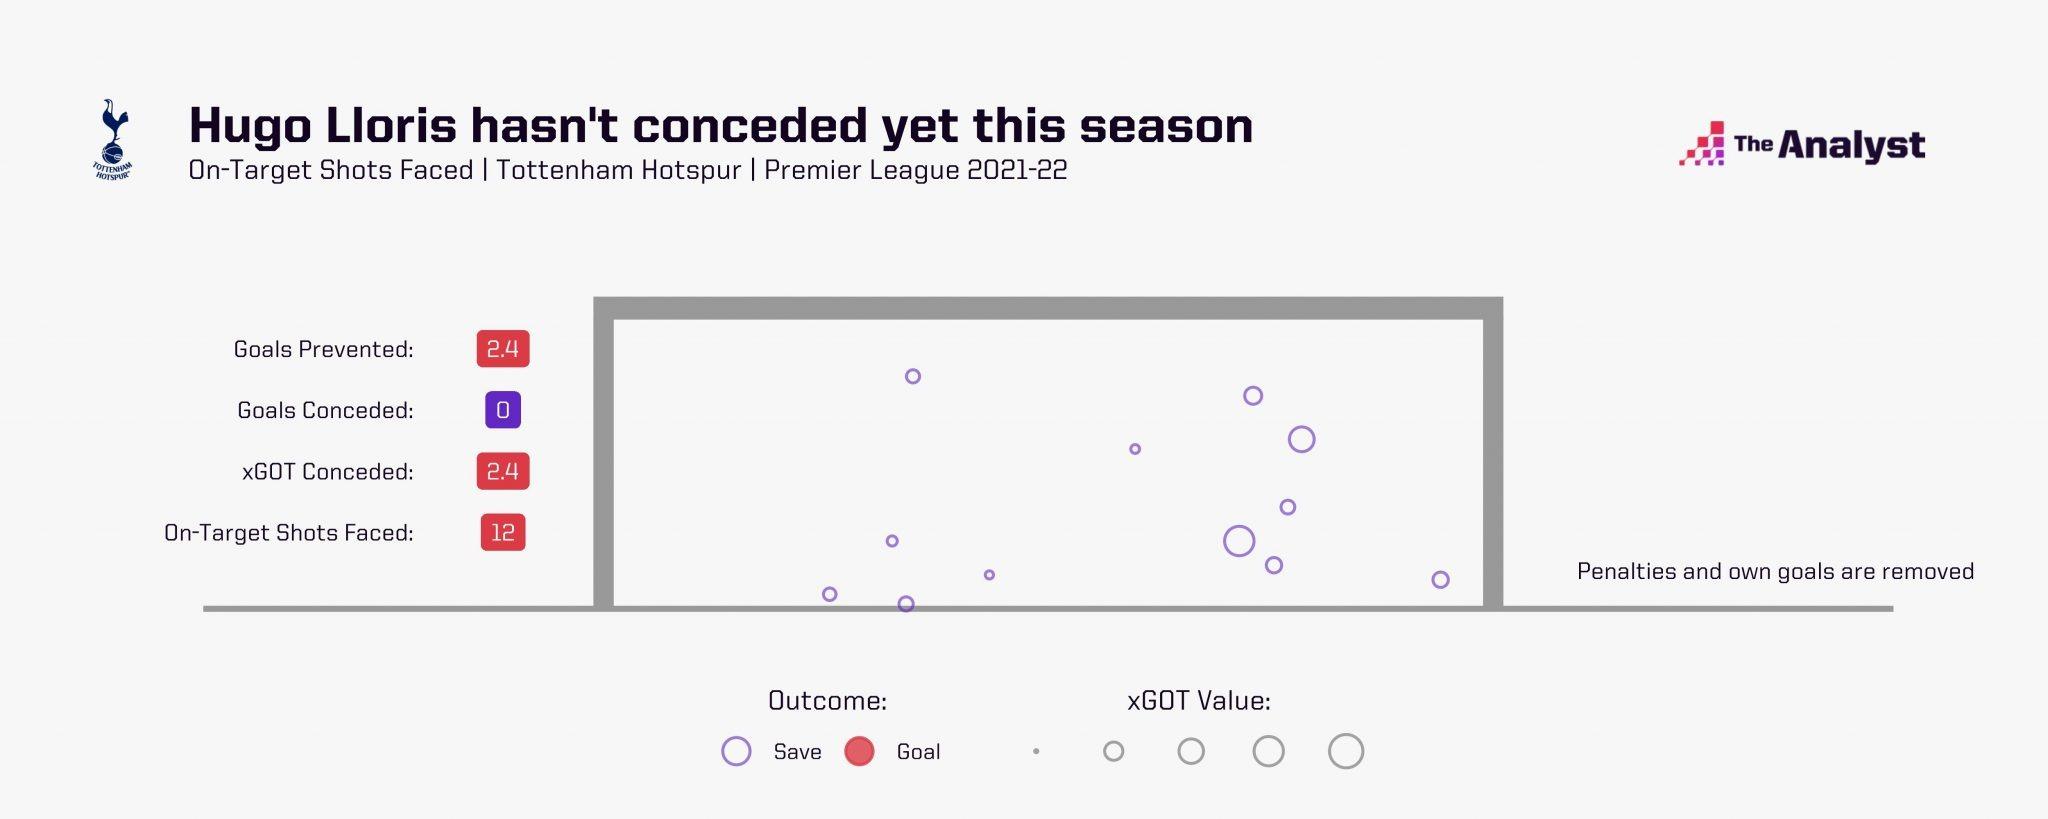 Lloris đã có 12 lần cản phá thành công các cú dứt điểm để giữ trắng lưới cho Tottenham sau 3 vòng